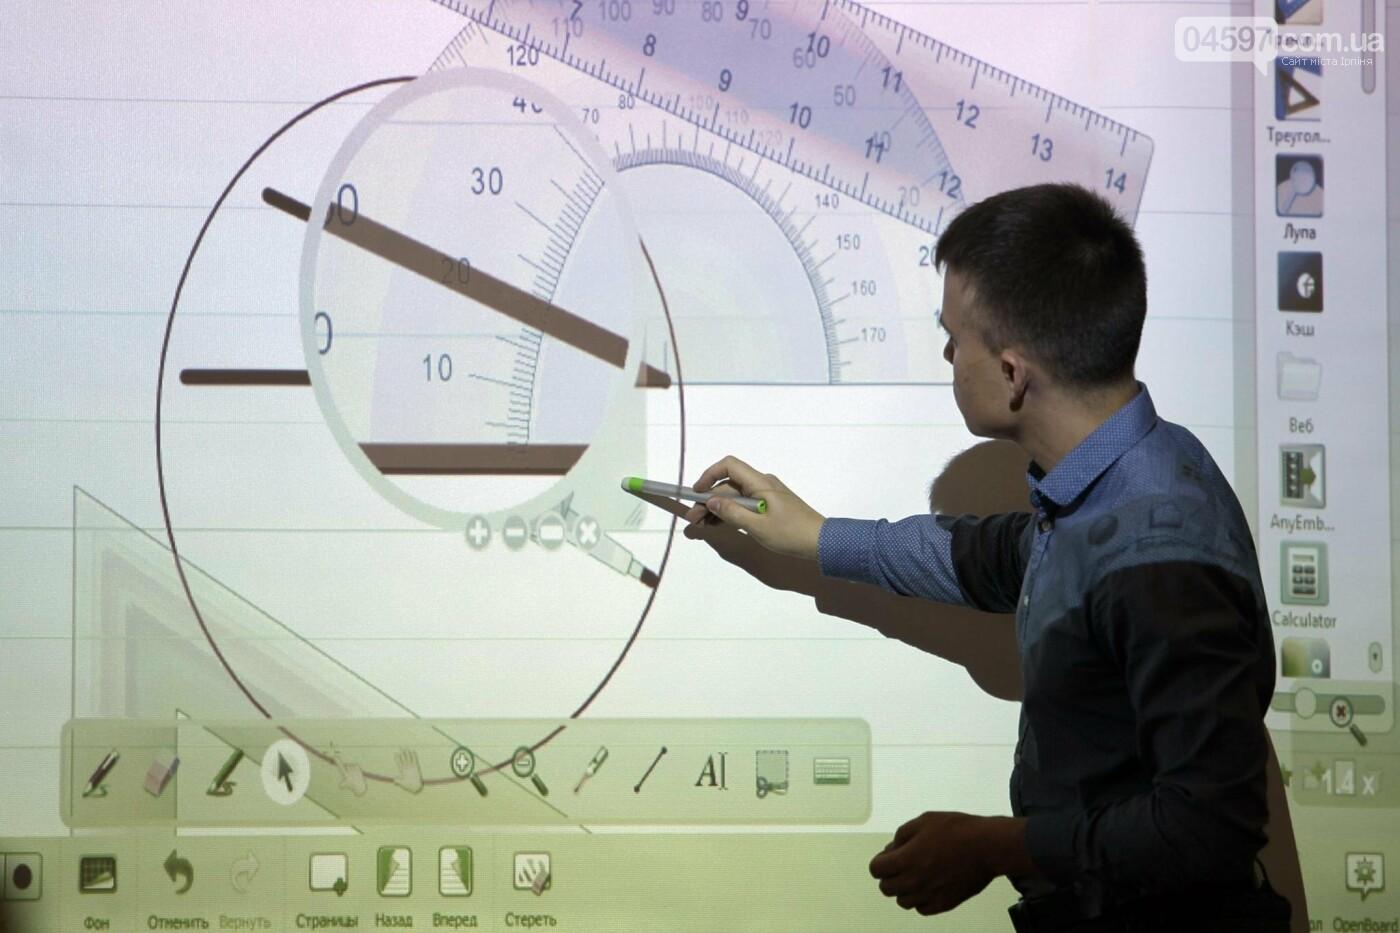 Ірпінські школи отримали інтерактивні навчальні комплекти, фото-2